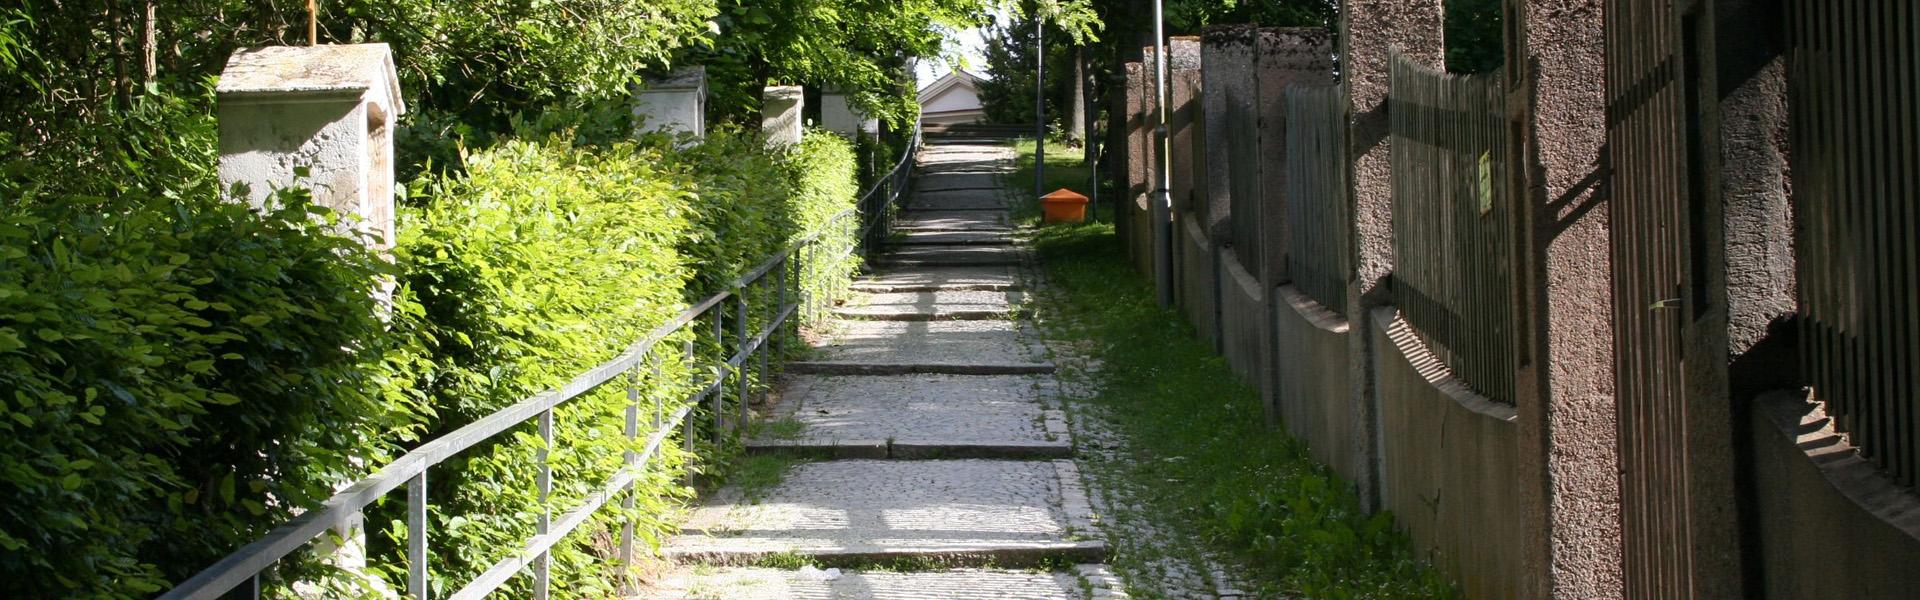 Kreuzweg